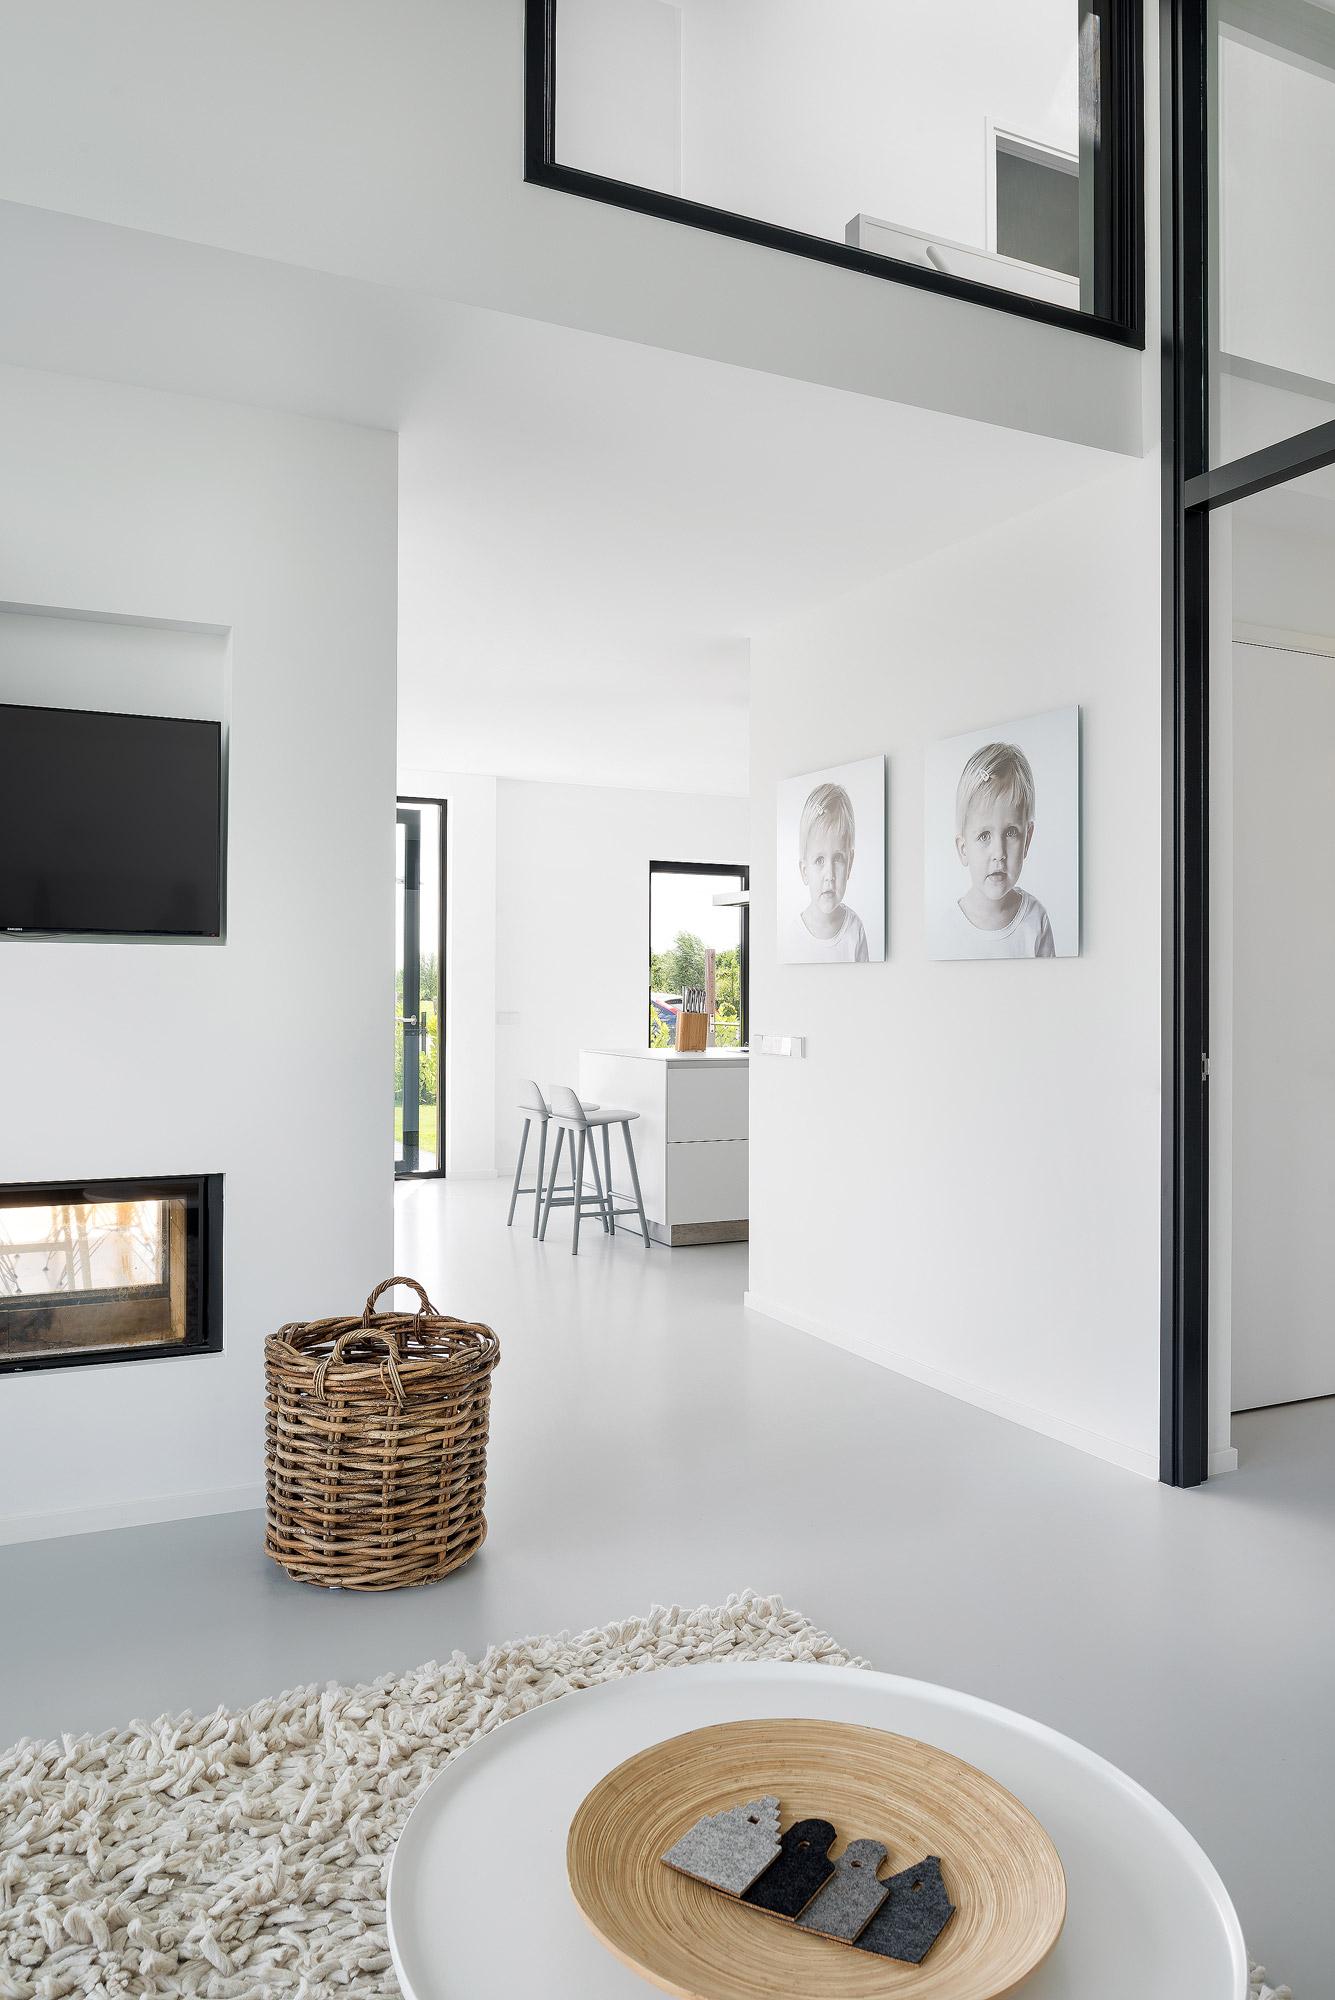 Nieuwbouw woning Nieuwkoop - architectuurfotograaf Chiel de Nooyer